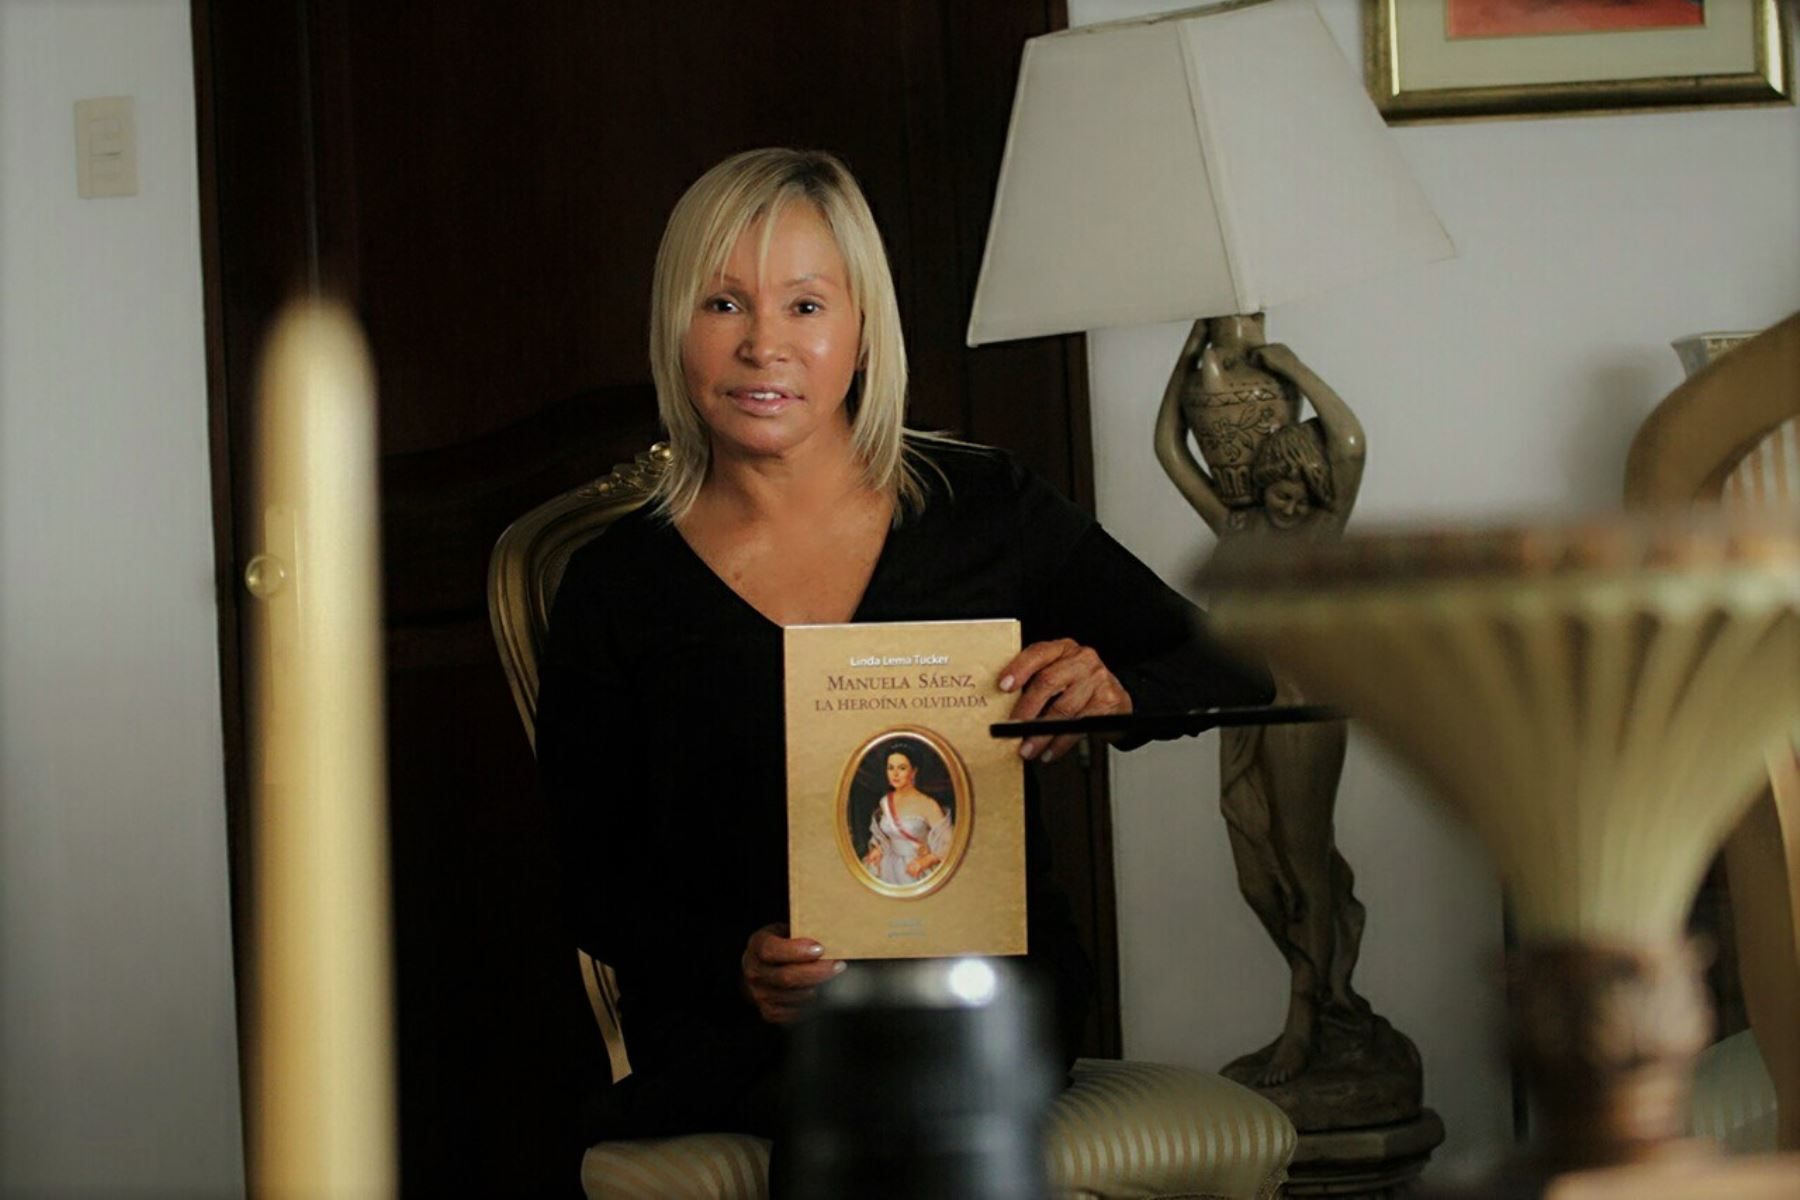 La socióloga y escritora Linda Lema Tucker destaca aspectos poco revelados de Manuela Sáenz, quiteña que luchó por la independencia del Perú y América.